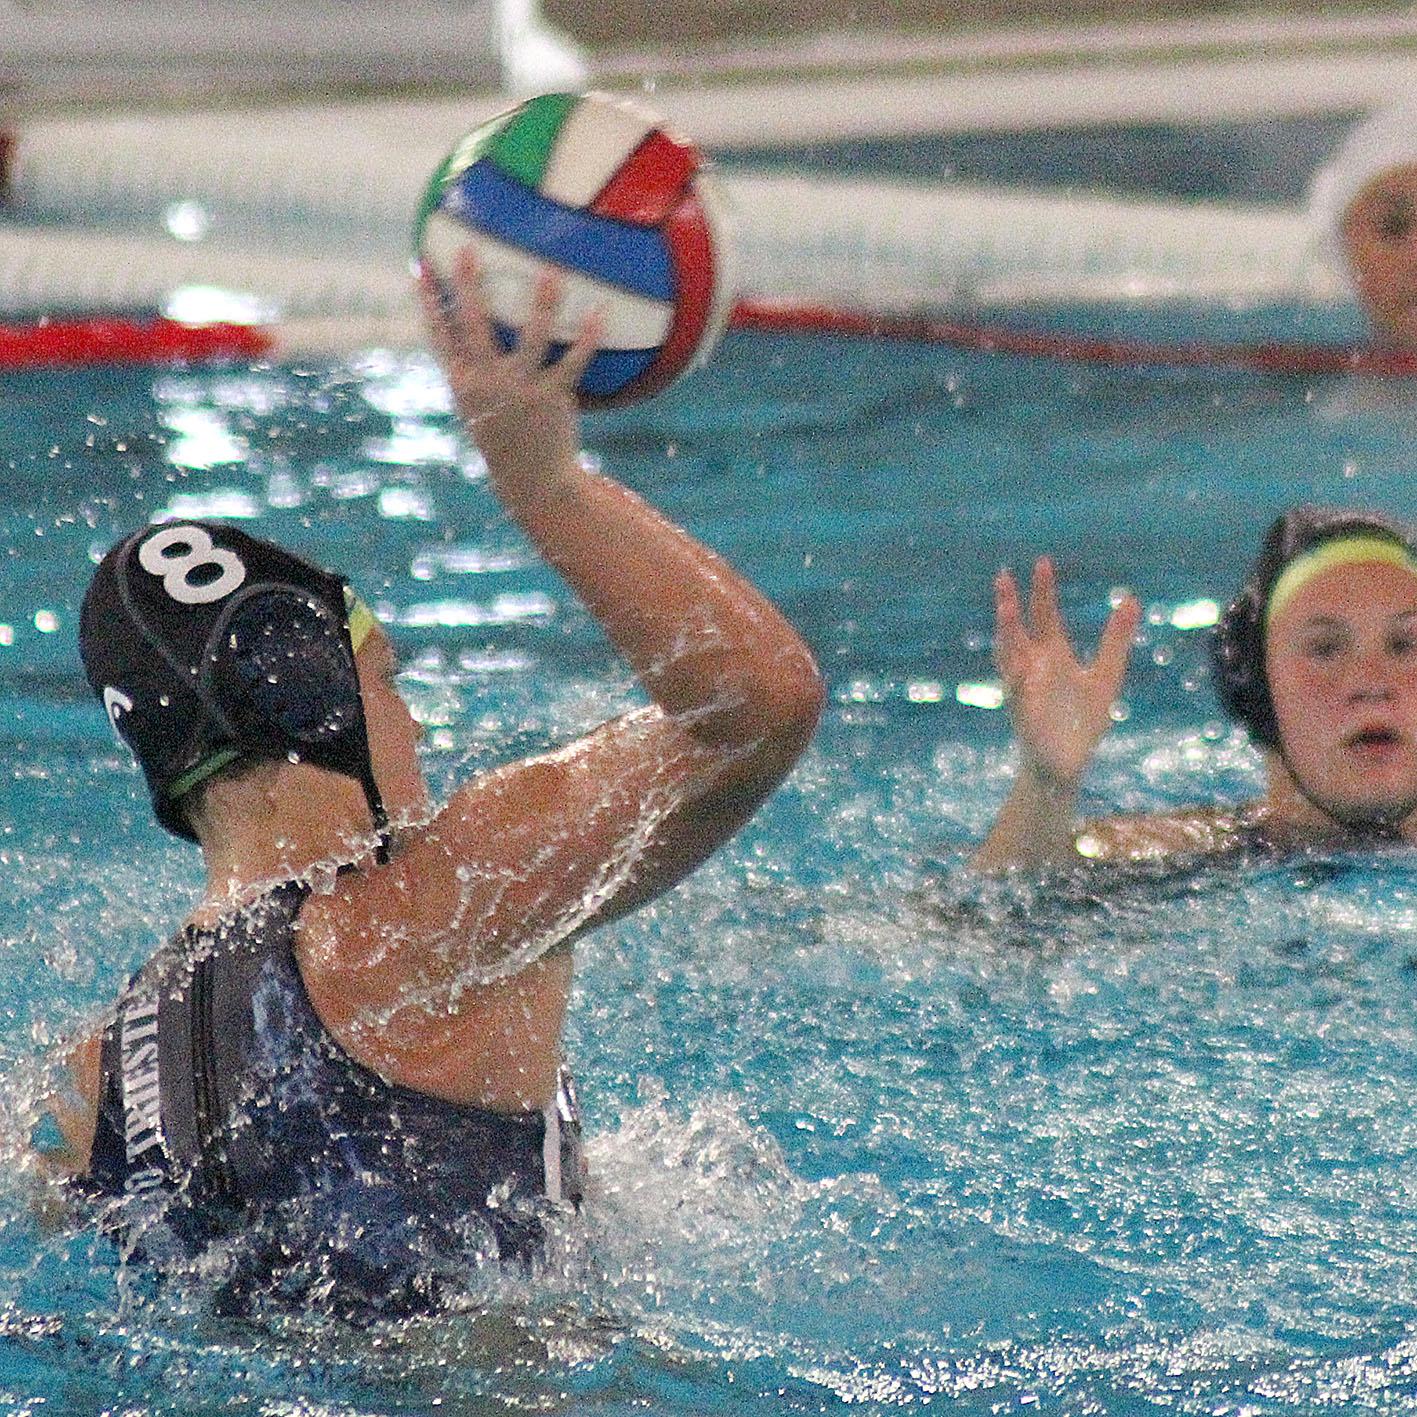 Under 15 femminile: tre vittorie per le orchette, la Pallanuoto Trieste si qualifica alle finali scudetto di categoria